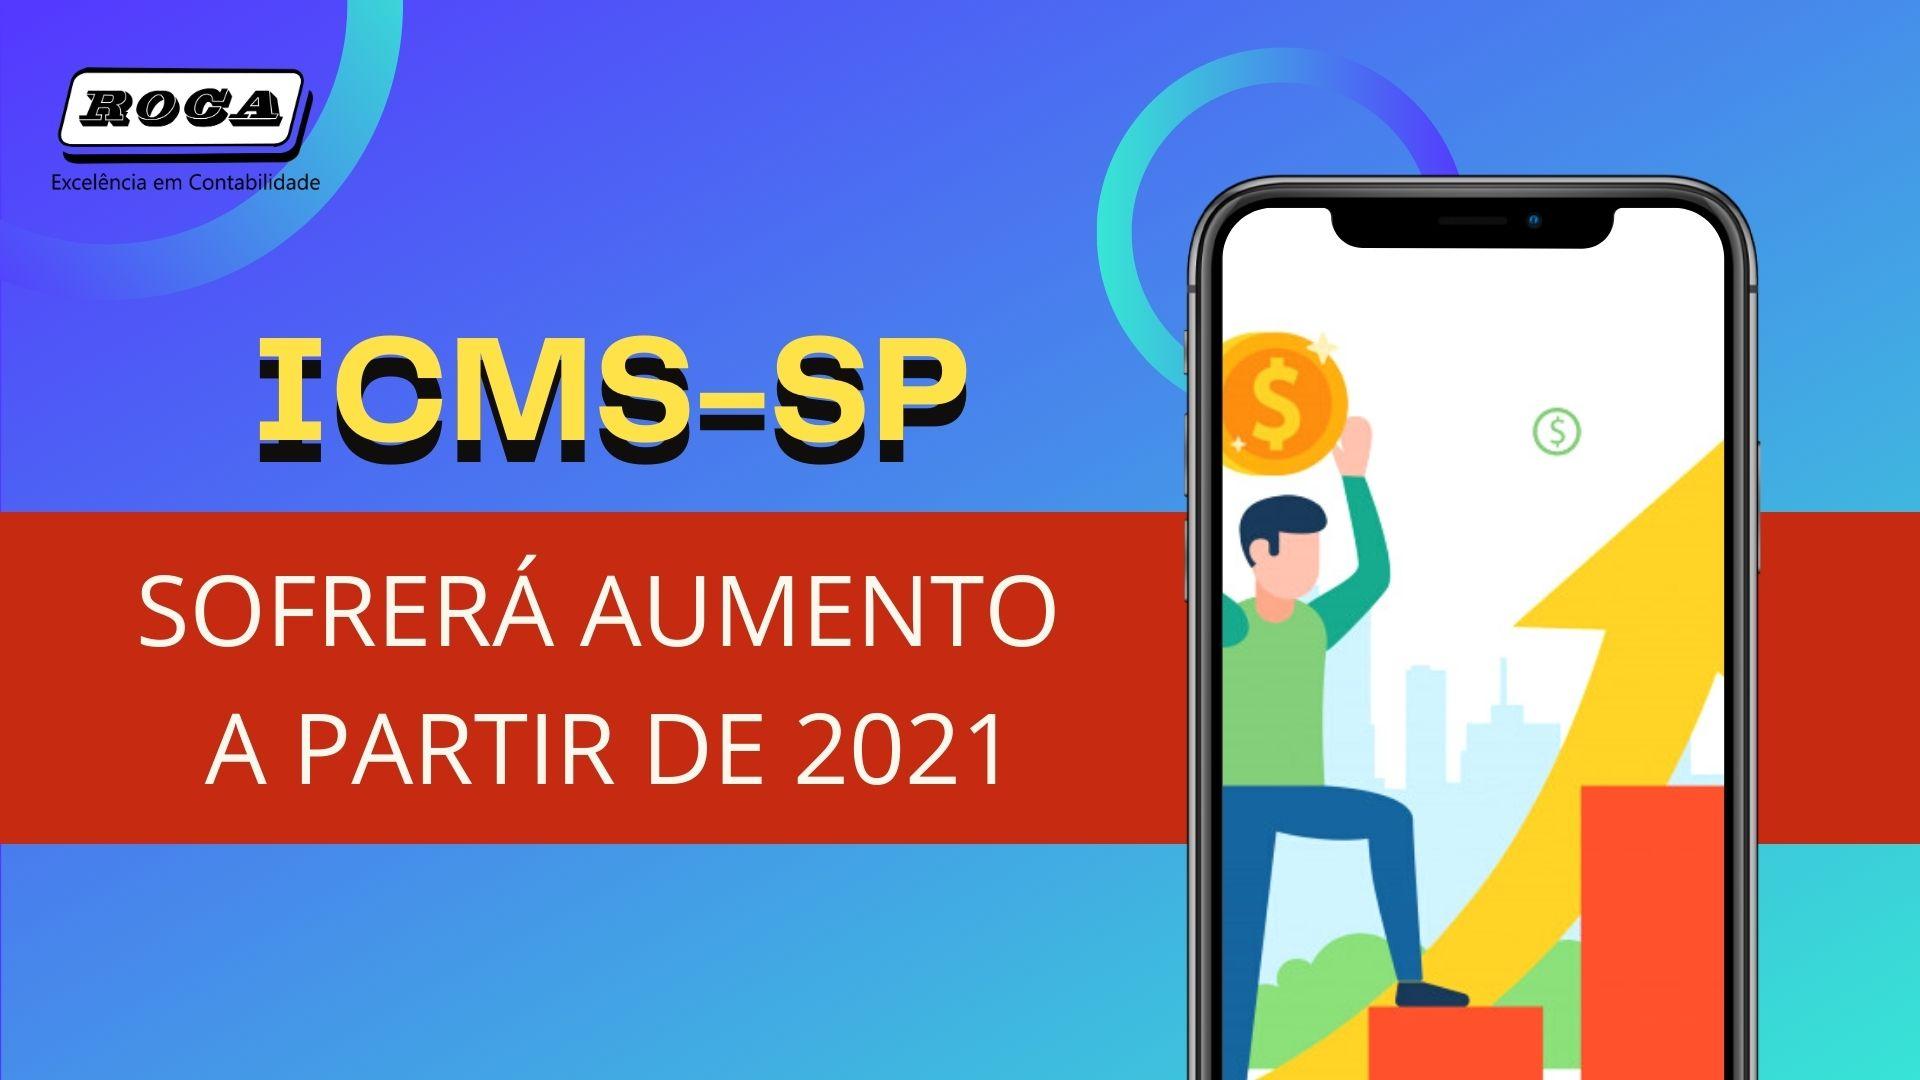 ICMS-SP: ICMS Sofrerá Aumento A Partir De 2021 Em SP